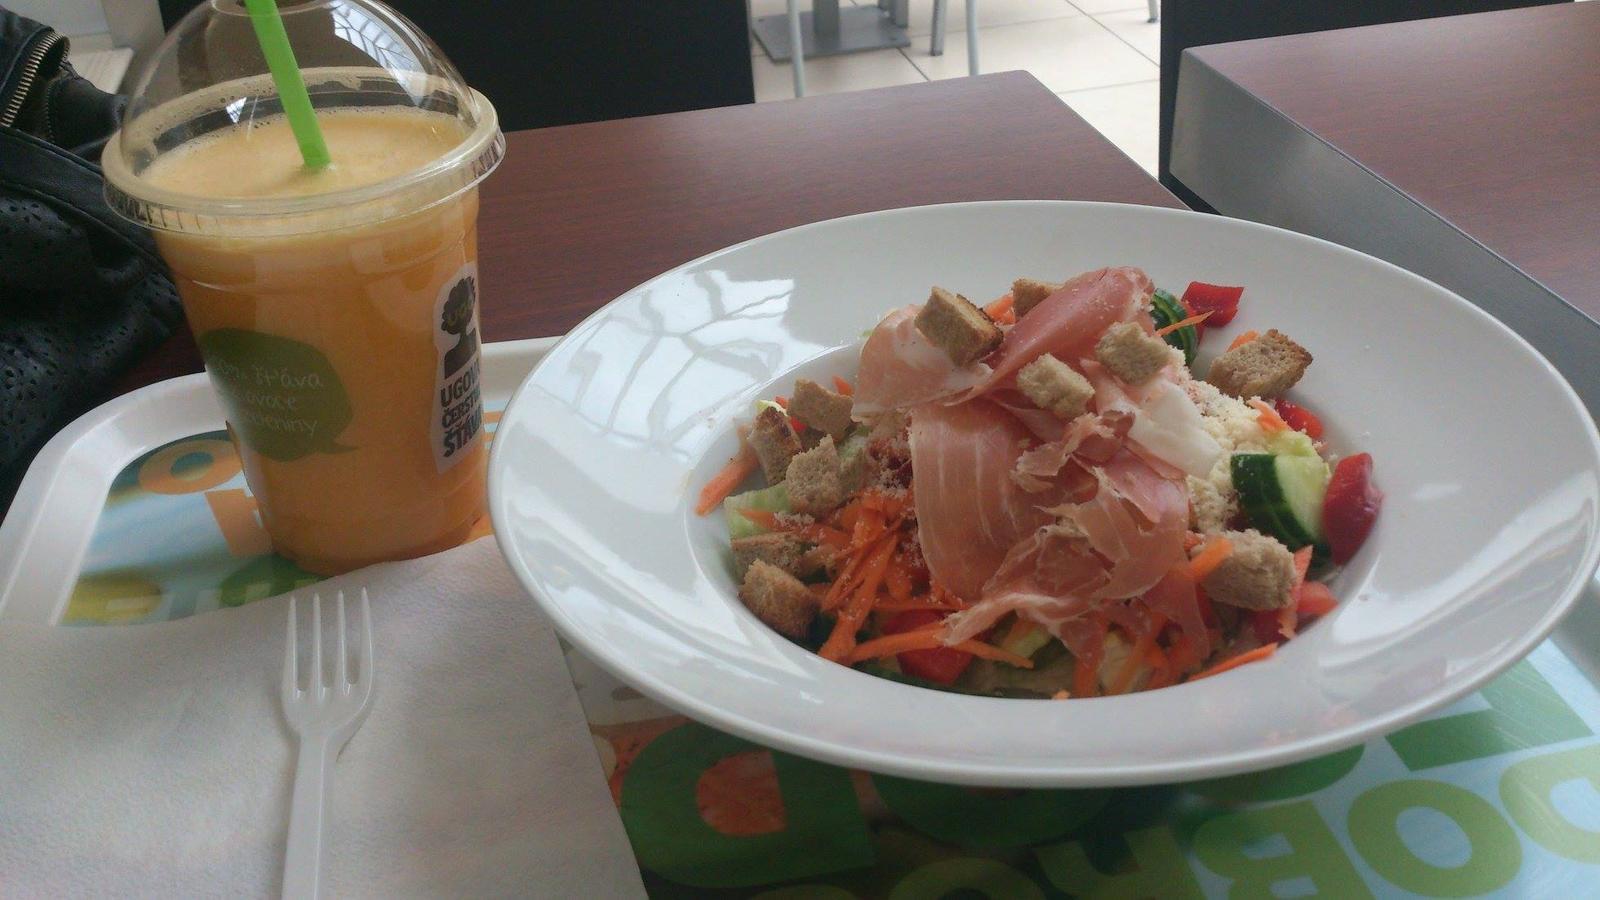 Degustační požitek - Občas i něco zdravějšího můj žaludek uvítá :-) Parmský salát s parmazánem a pomerančový fresh :-)